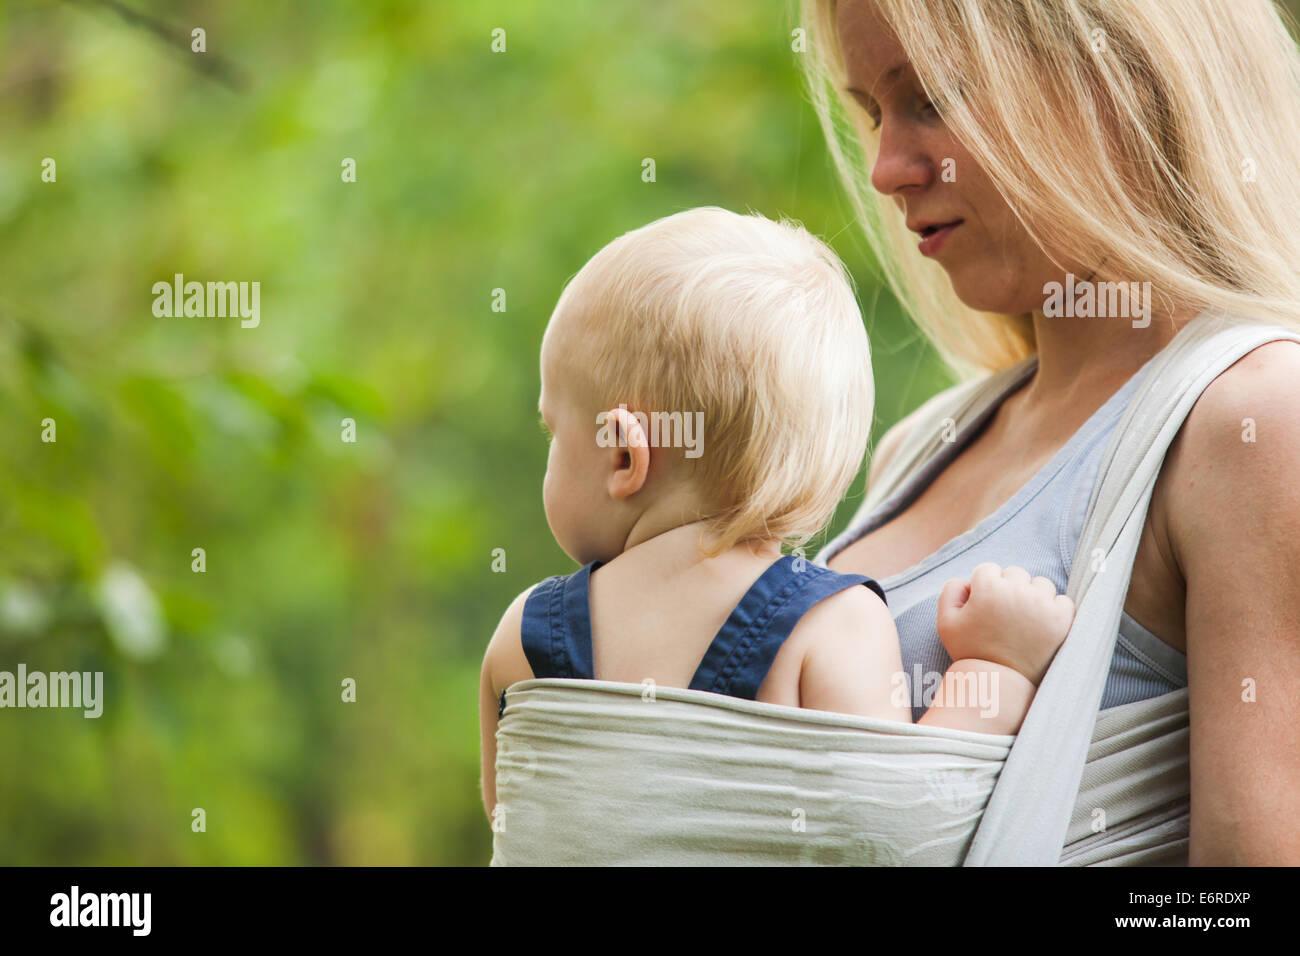 La madre lleva a su hijo y caminando. Baby Sling en el exterior. Imagen De Stock